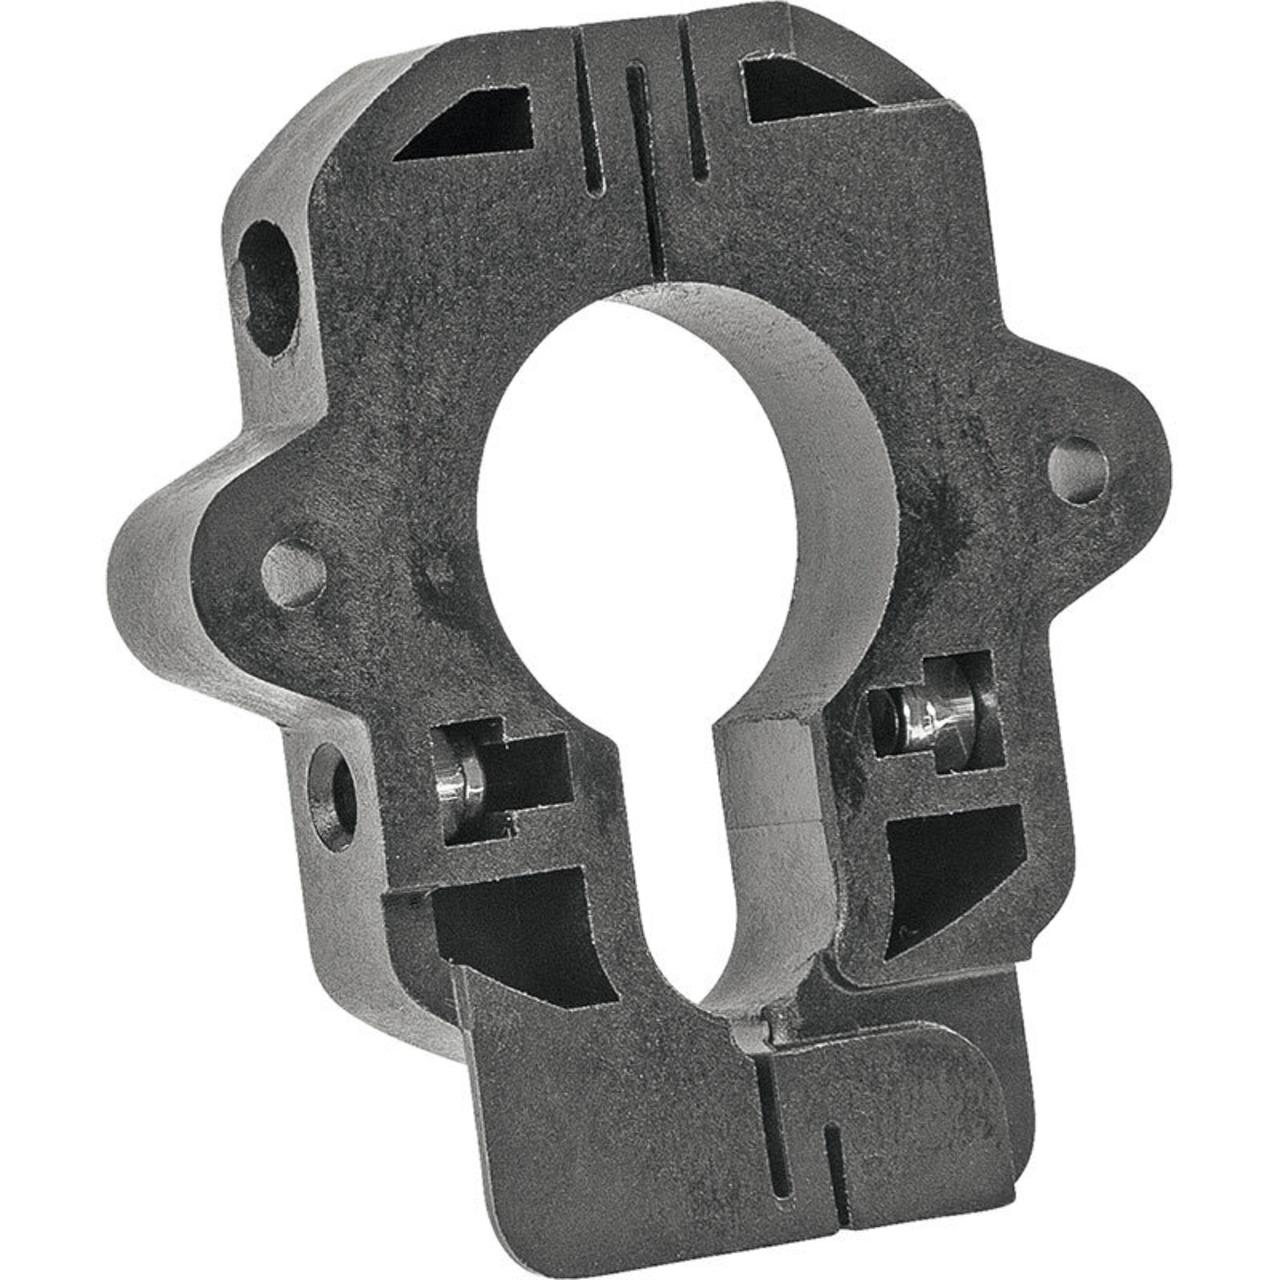 Montageplatte für Schweizer Schliesszylinder